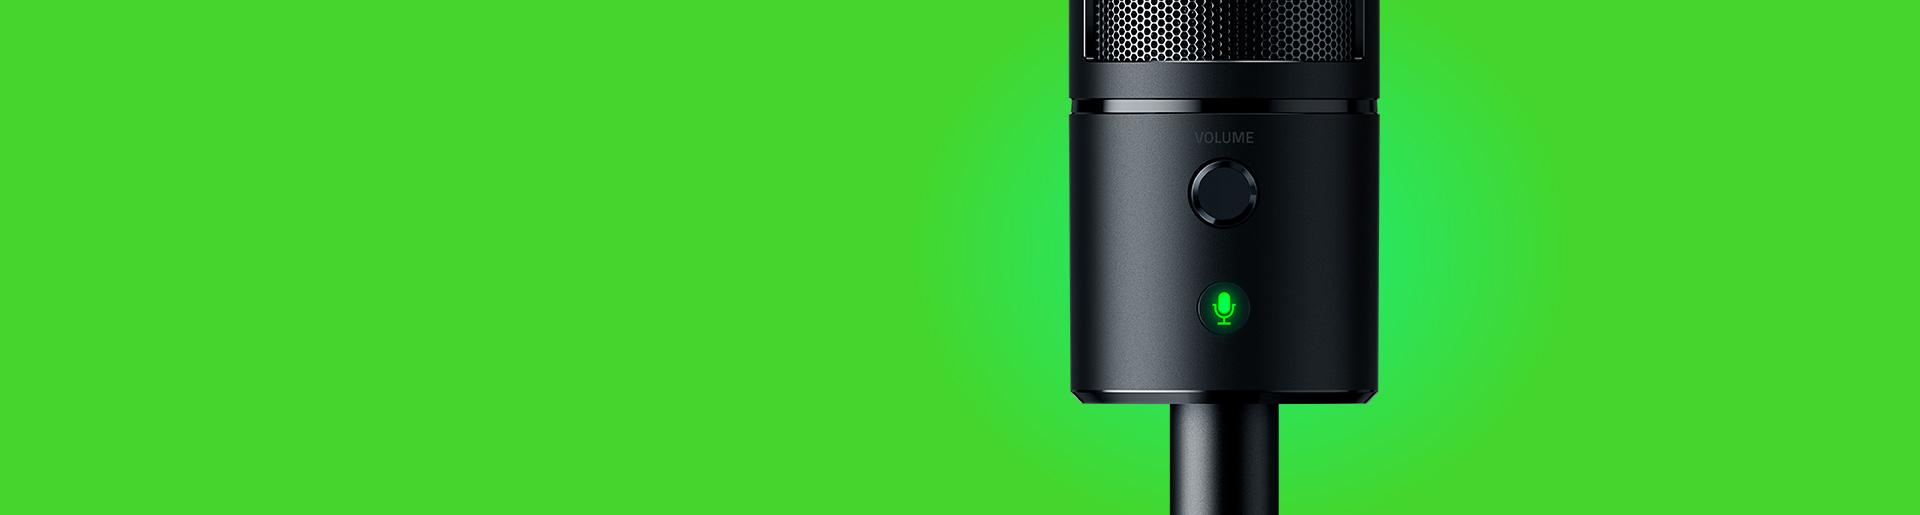 Công nghệ Micro tiên tiến thu âm chất lượng cao của Microphone Razer Seiren Emote with Emotiocons (RZ19-03060100-R3M1)